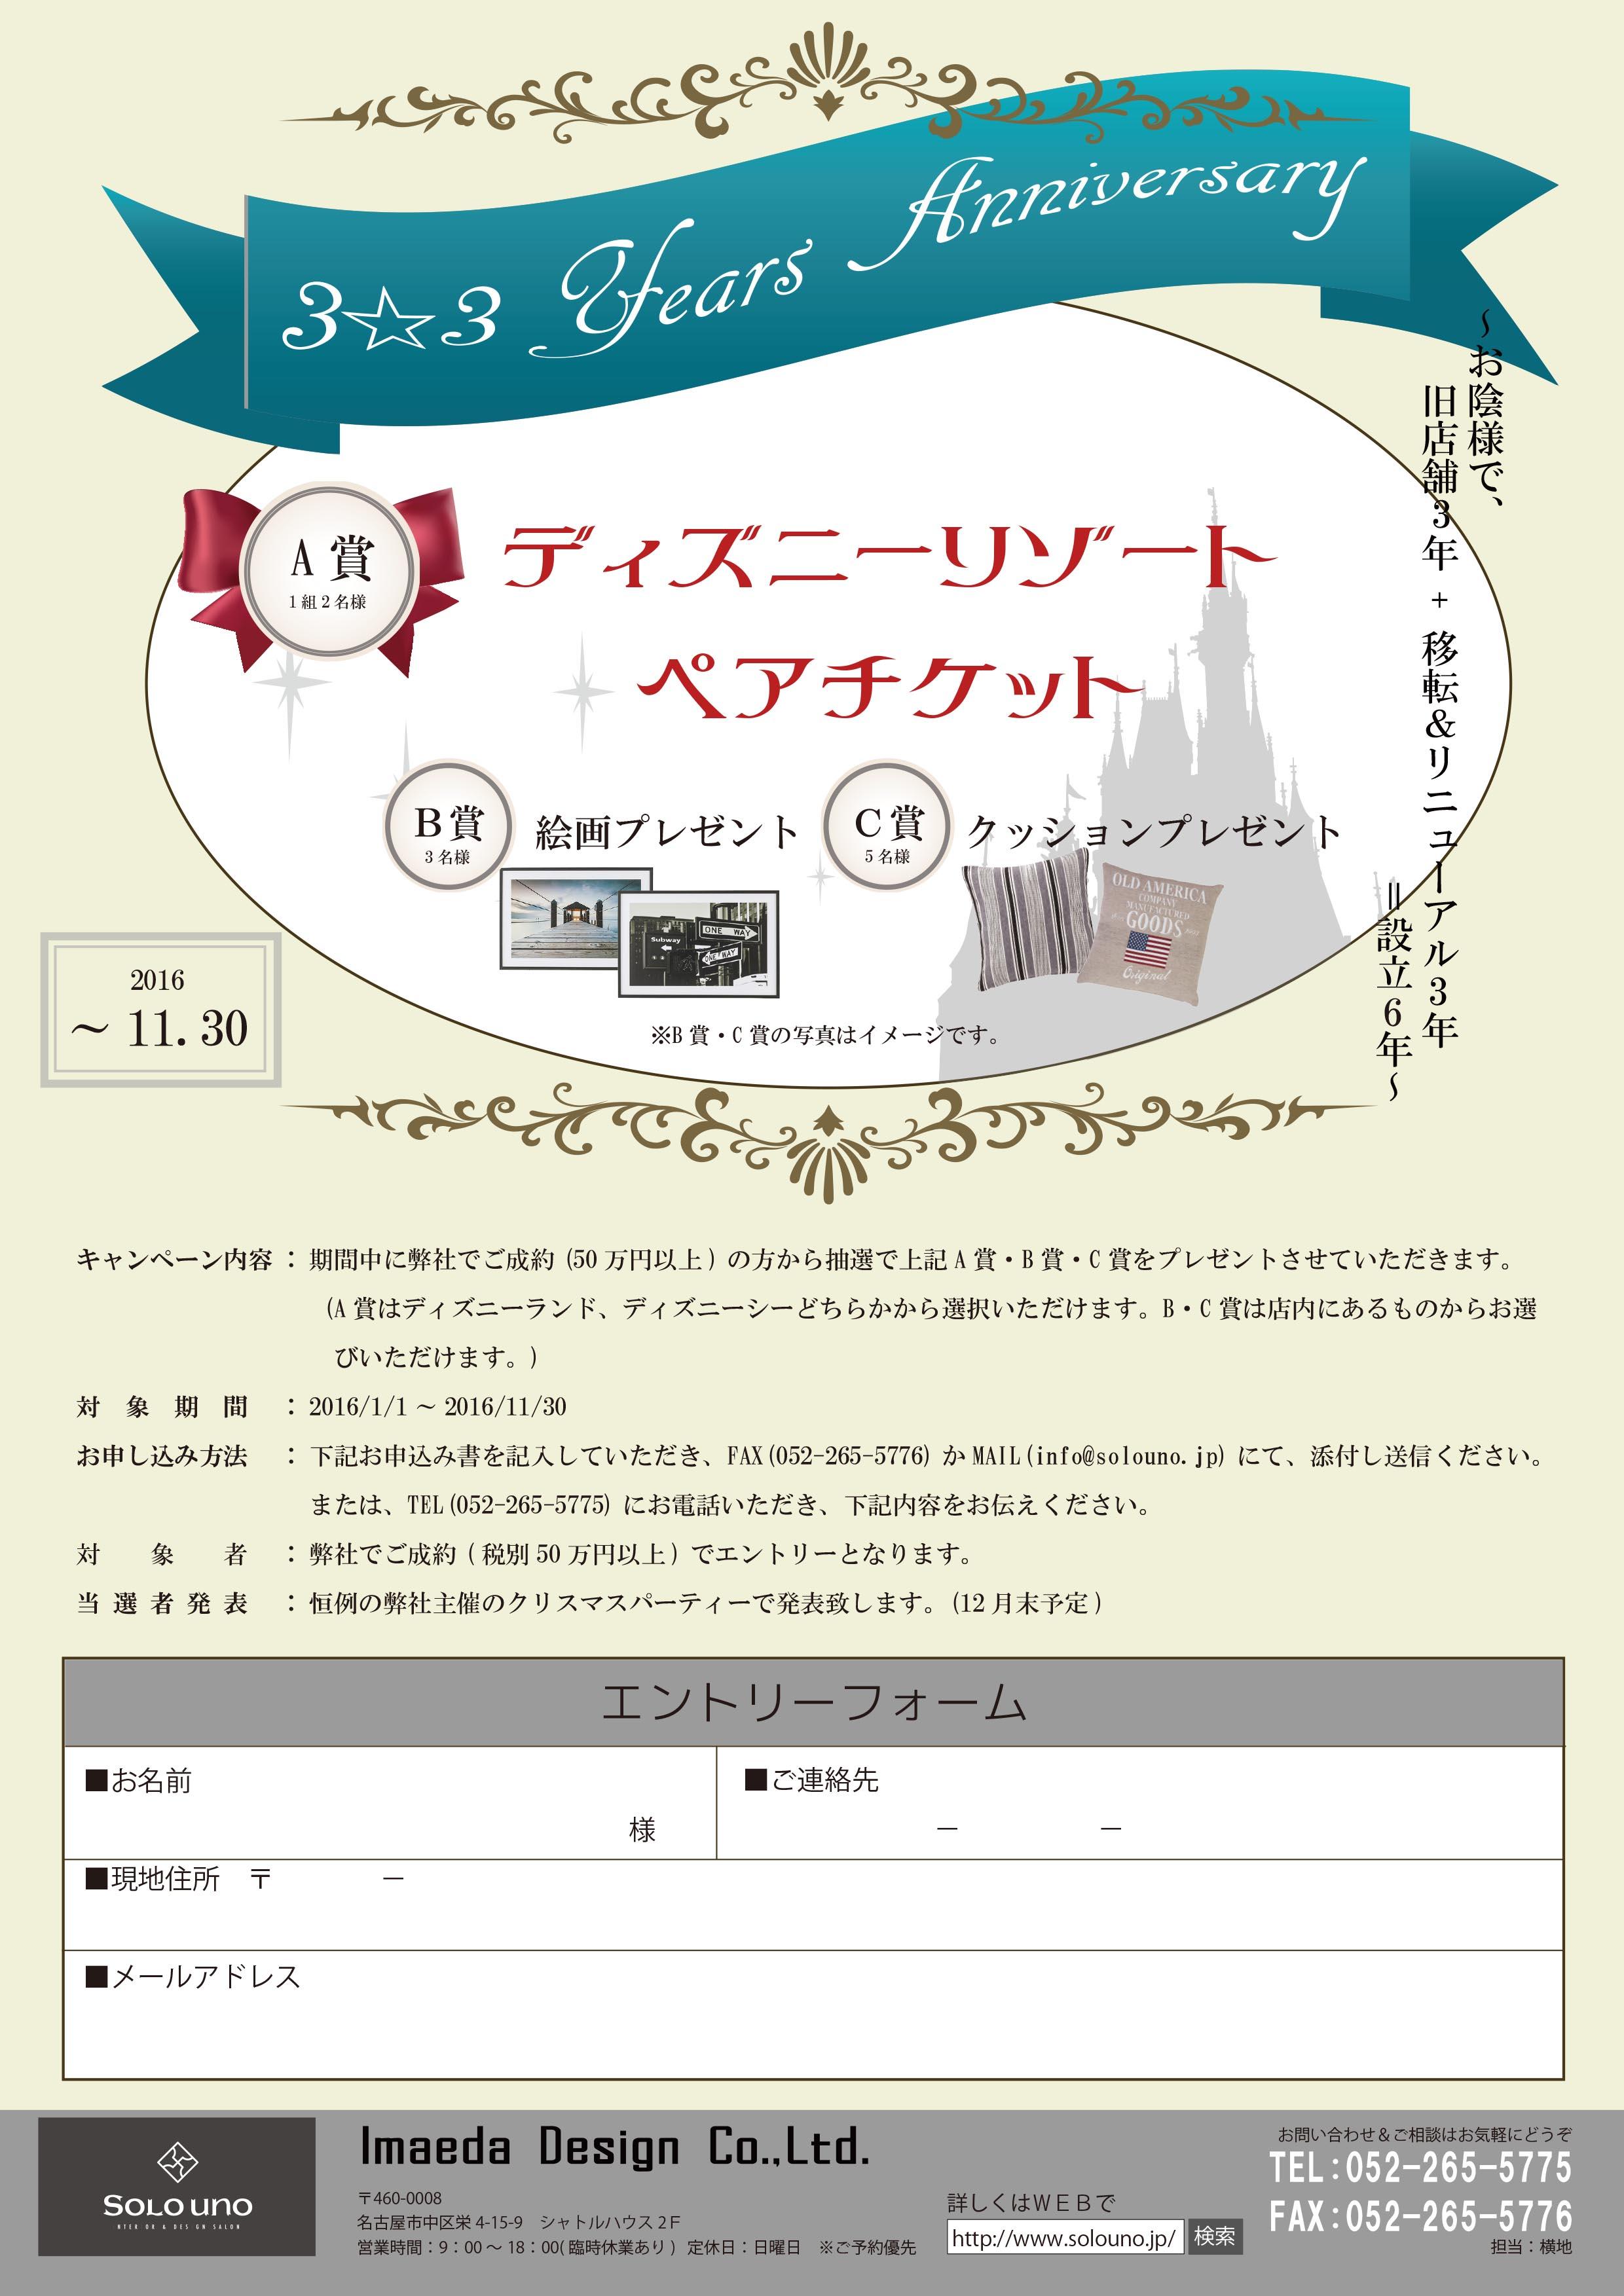 6周年イベントチラシ(ディズニー) 5-11